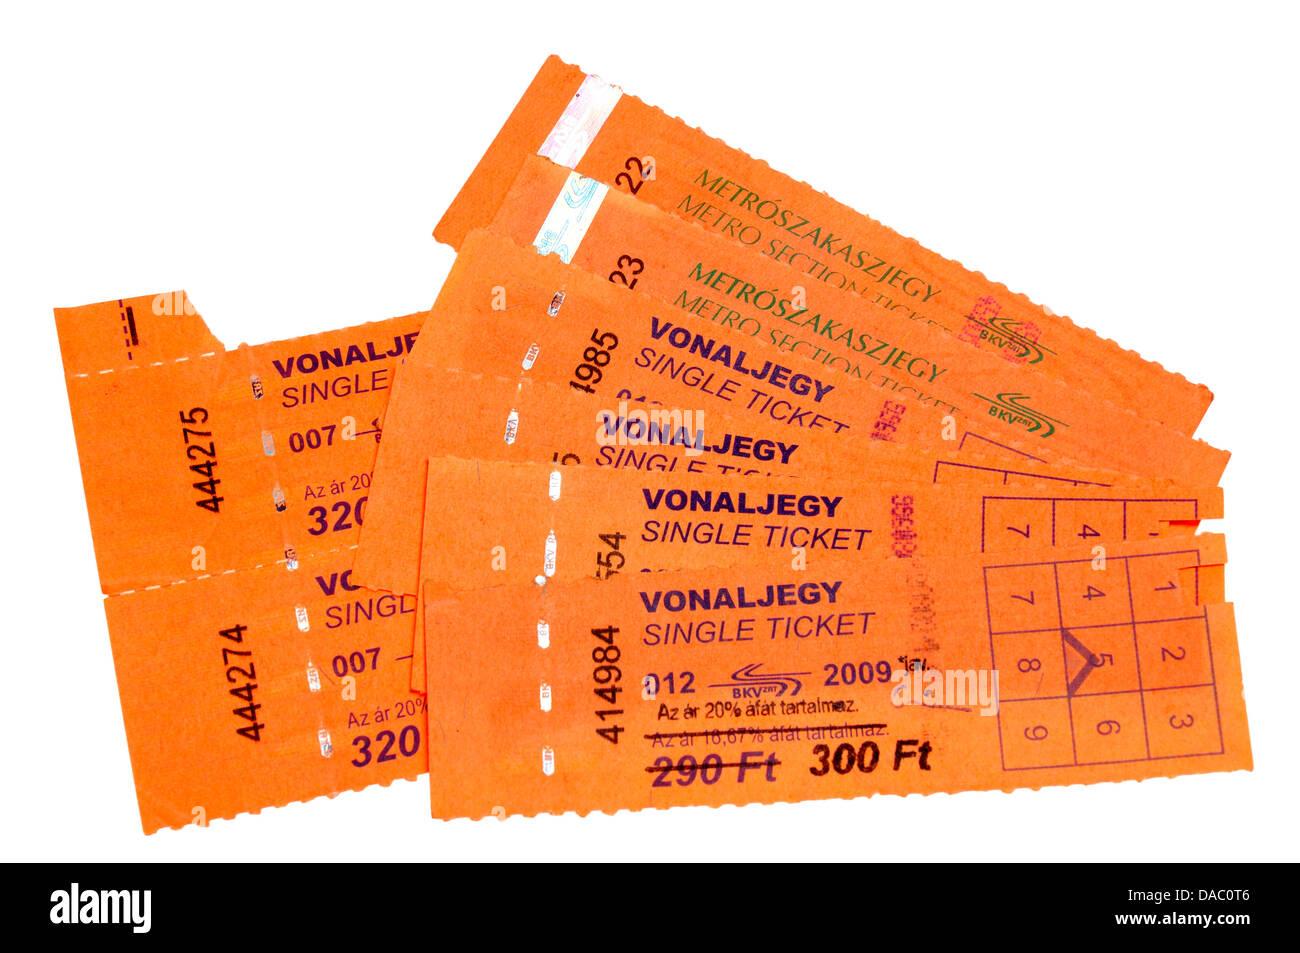 Les billets de transport public de Budapest Photo Stock